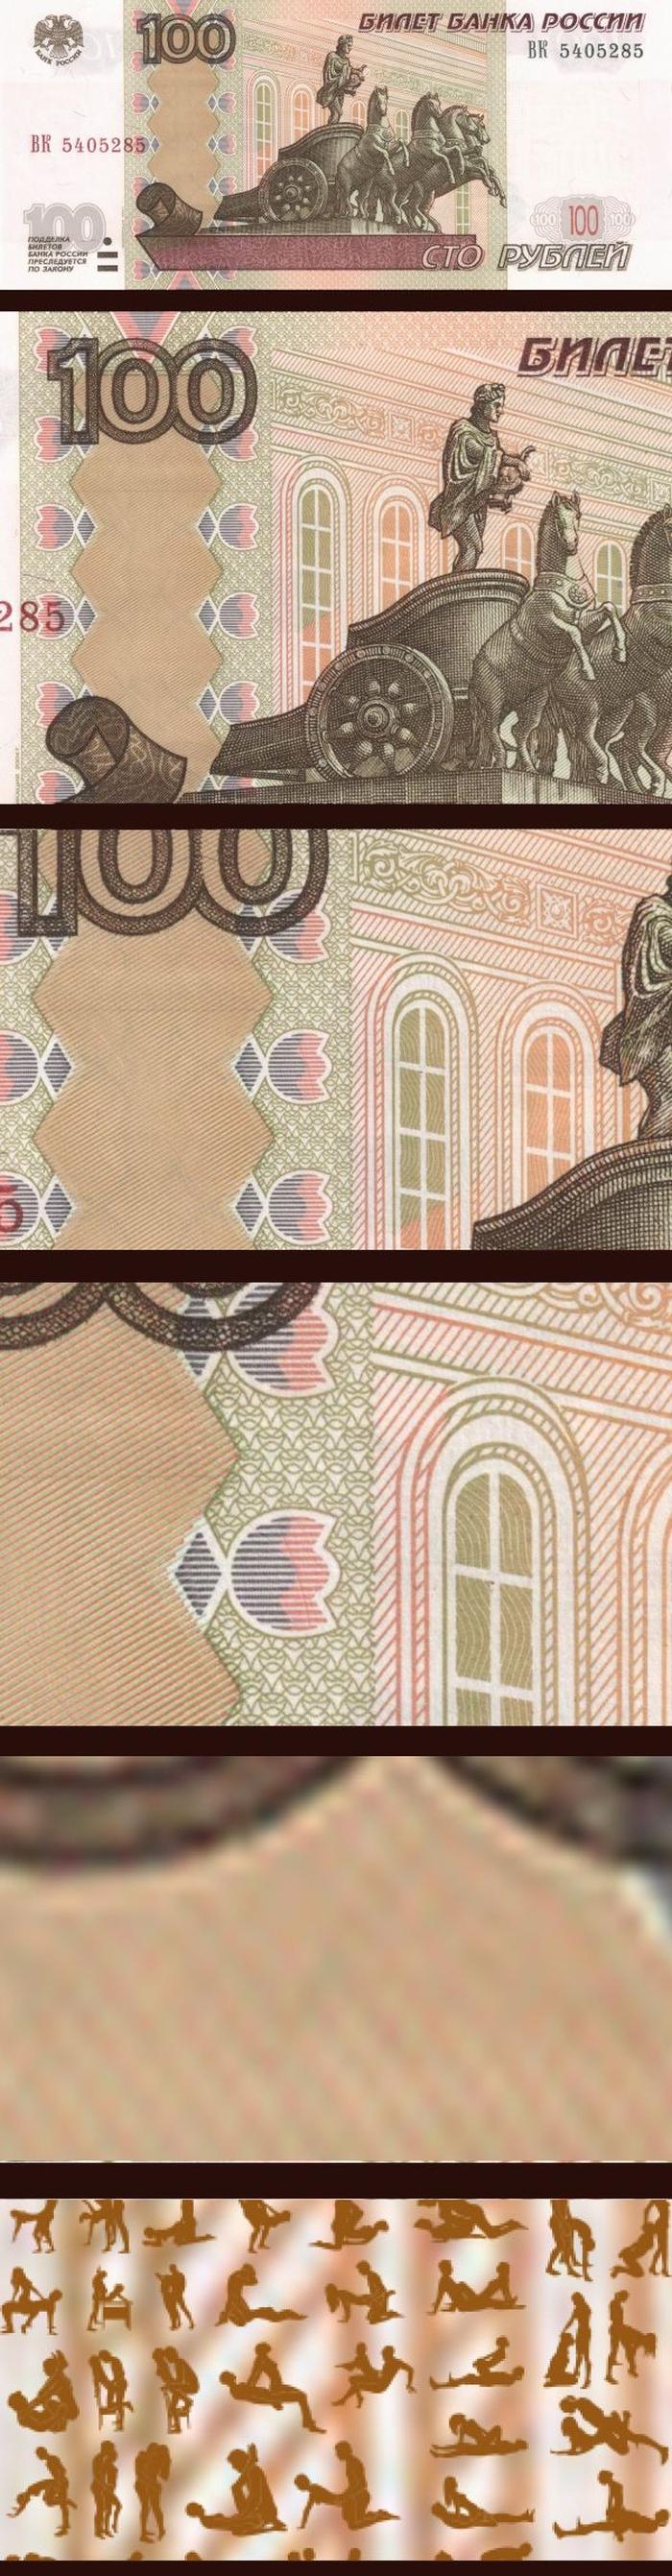 Теперь 100-рублевую купюру точно изымут из оборота (1 картинка)